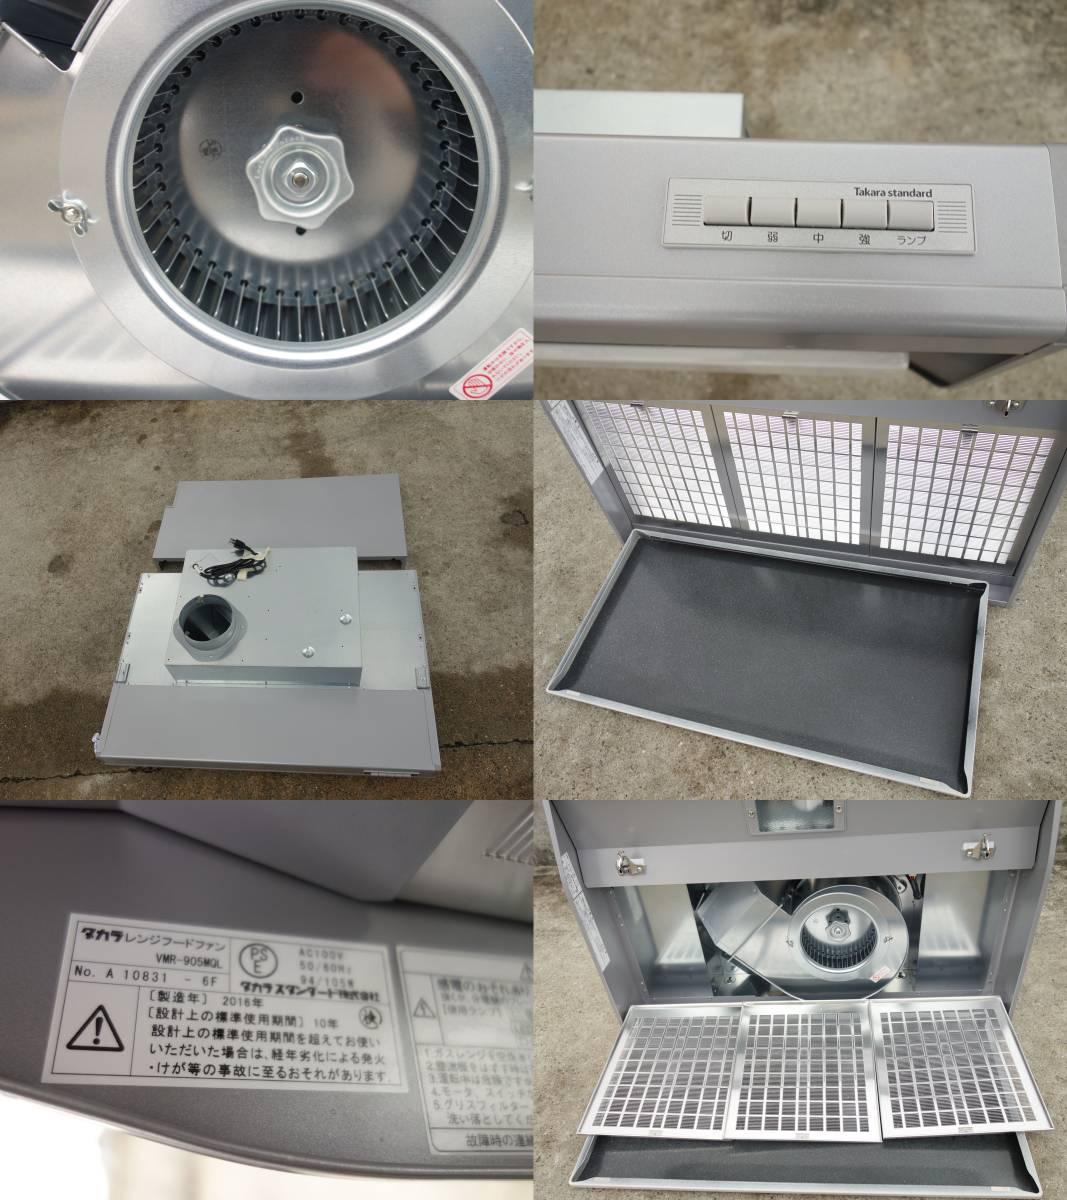 M▽タカラスタンダード システムキッチン ガスコンロ レンジフード 食器洗い乾燥機 W2440 (03208)_画像5